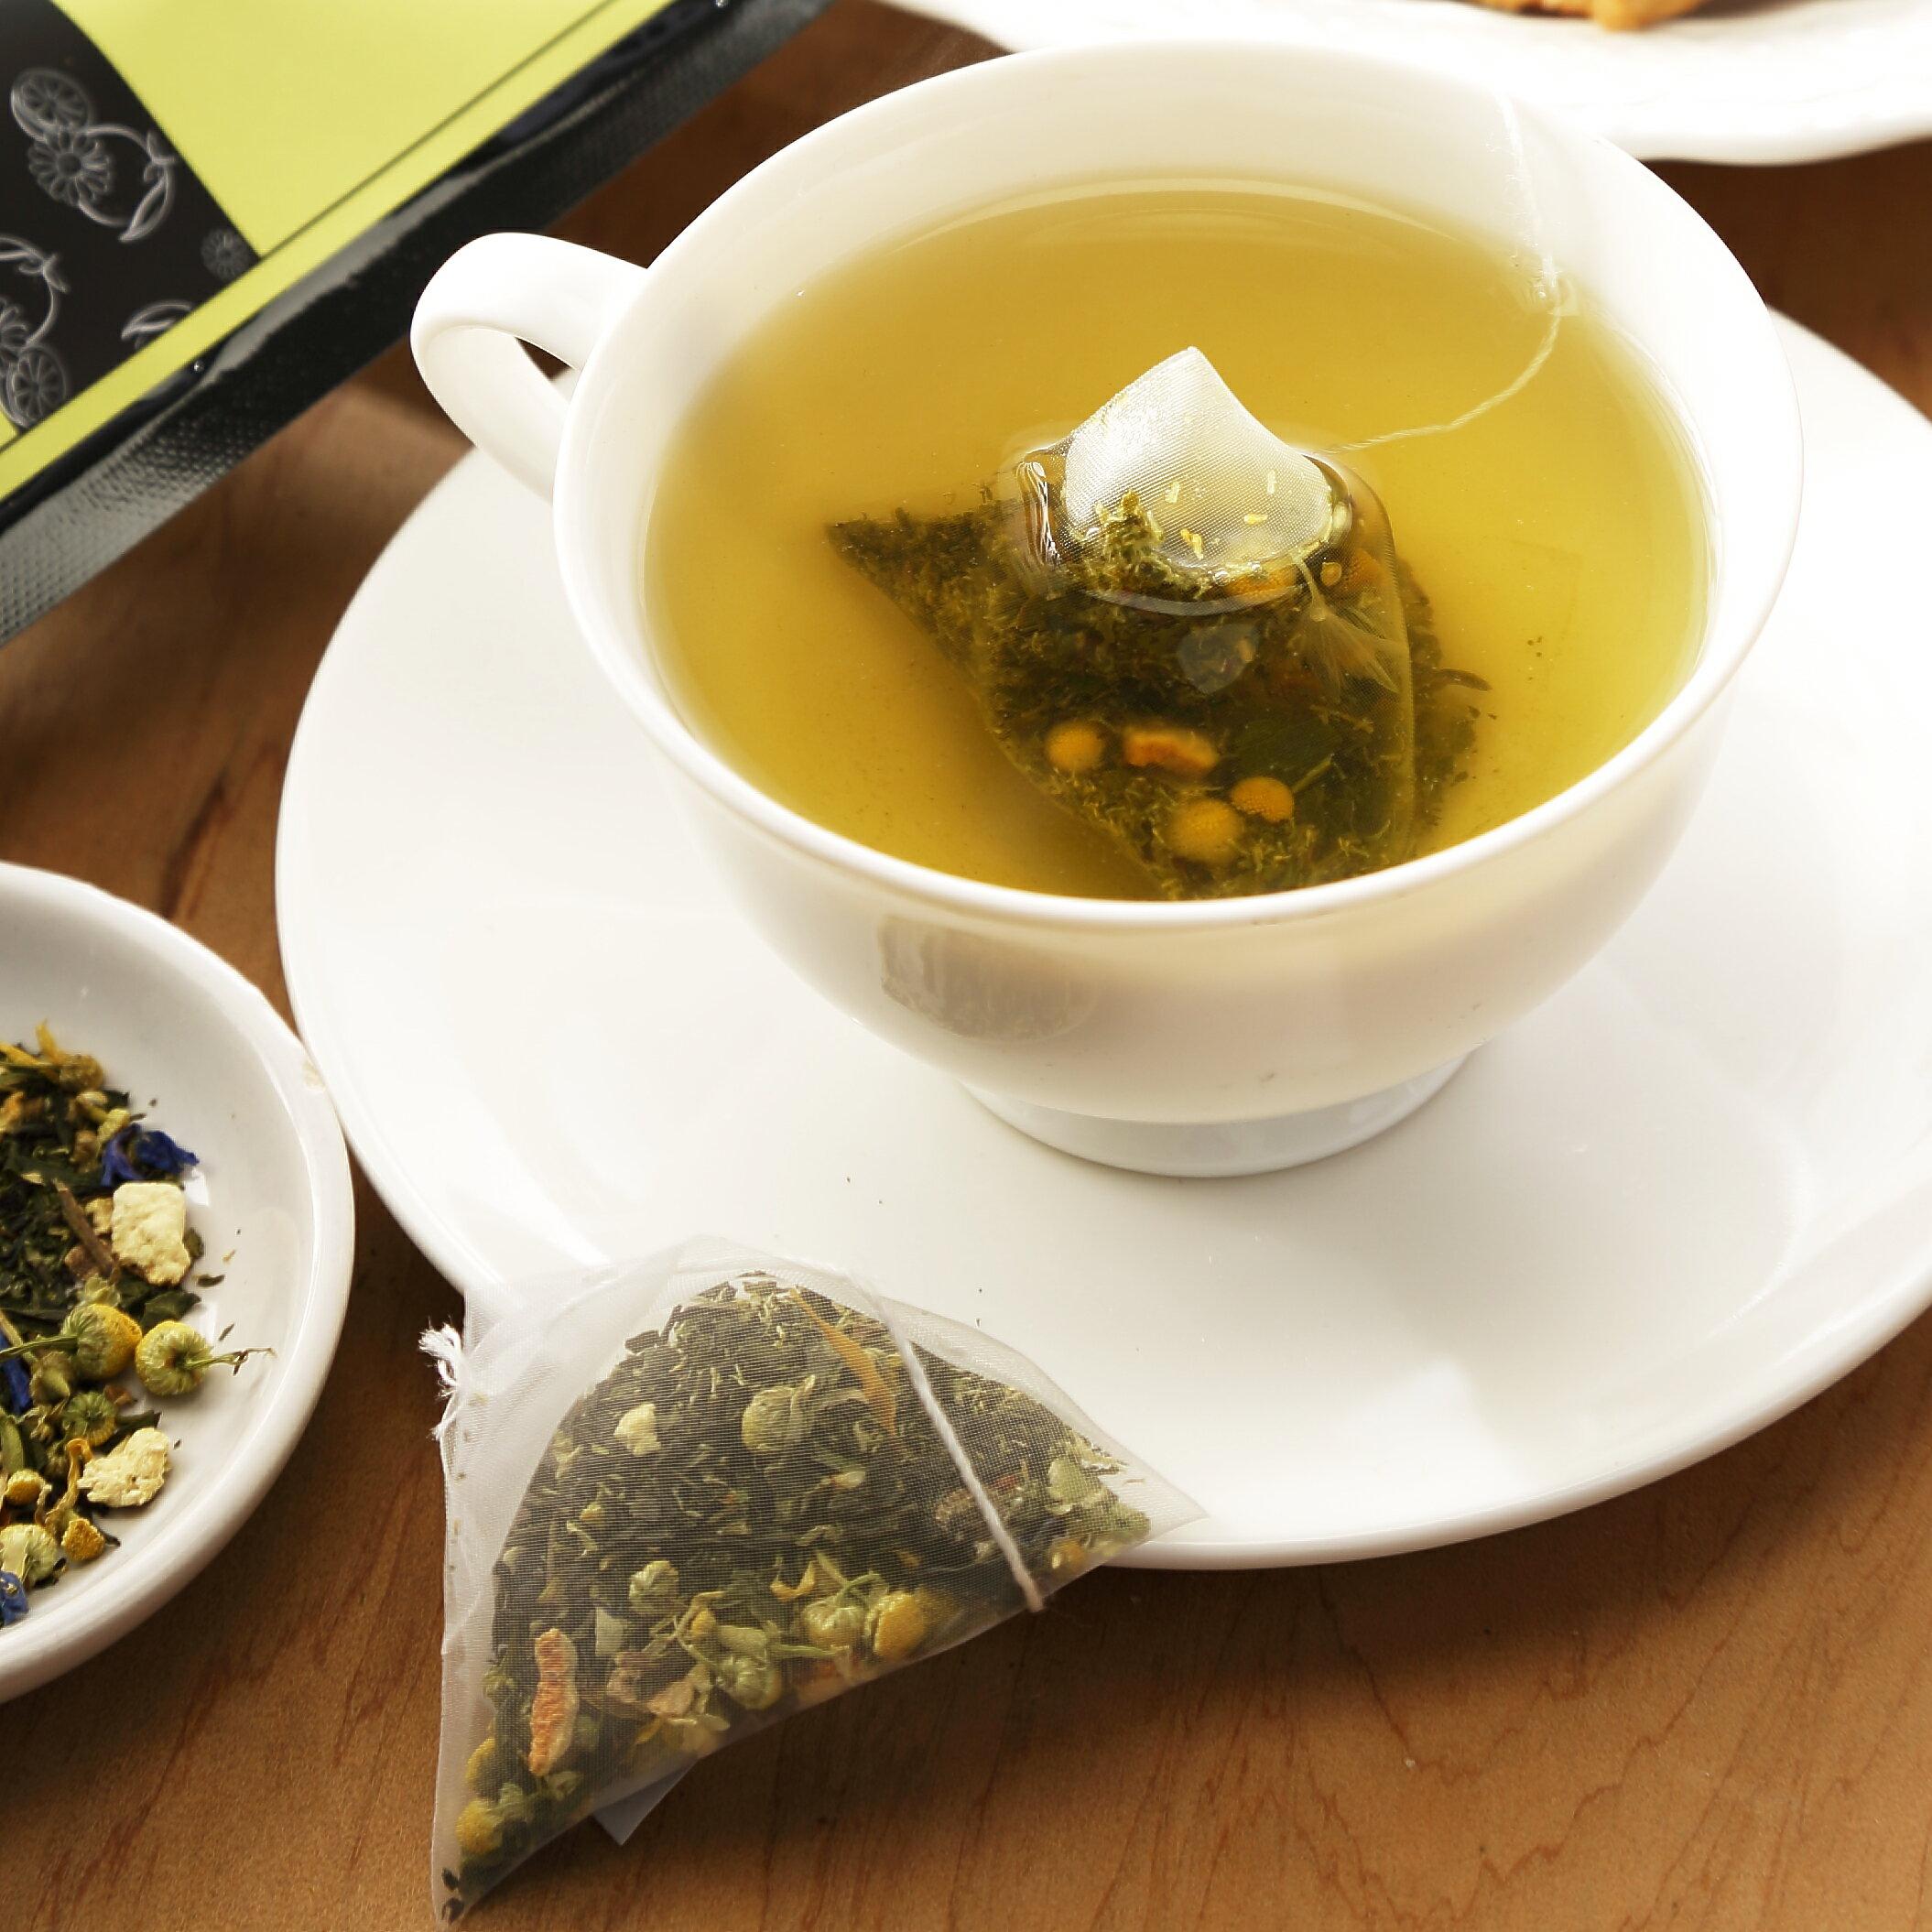 【午茶夫人】洋甘菊香柚綠茶 - 16入 / 罐 ☆ 近乎0卡微熱量。感受花草茶能量。舒緩緊張壓力感 ☆ 3